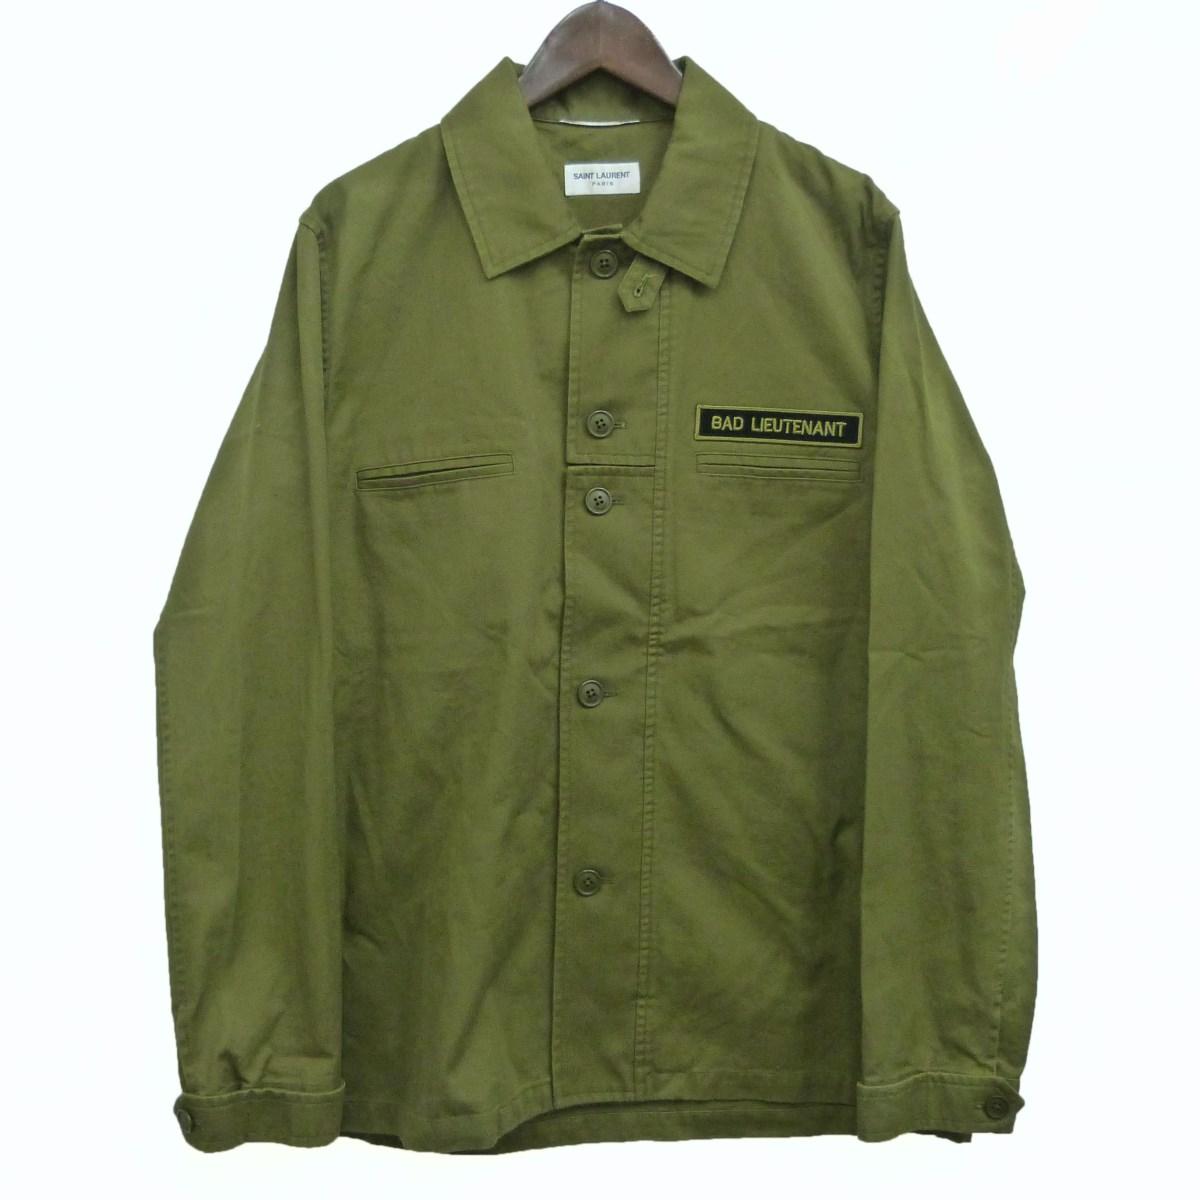 【中古】SAINT LAURENT PARIS 17AWミリタリーシャツ カーキ サイズ:48 【270420】(サンローランパリ)